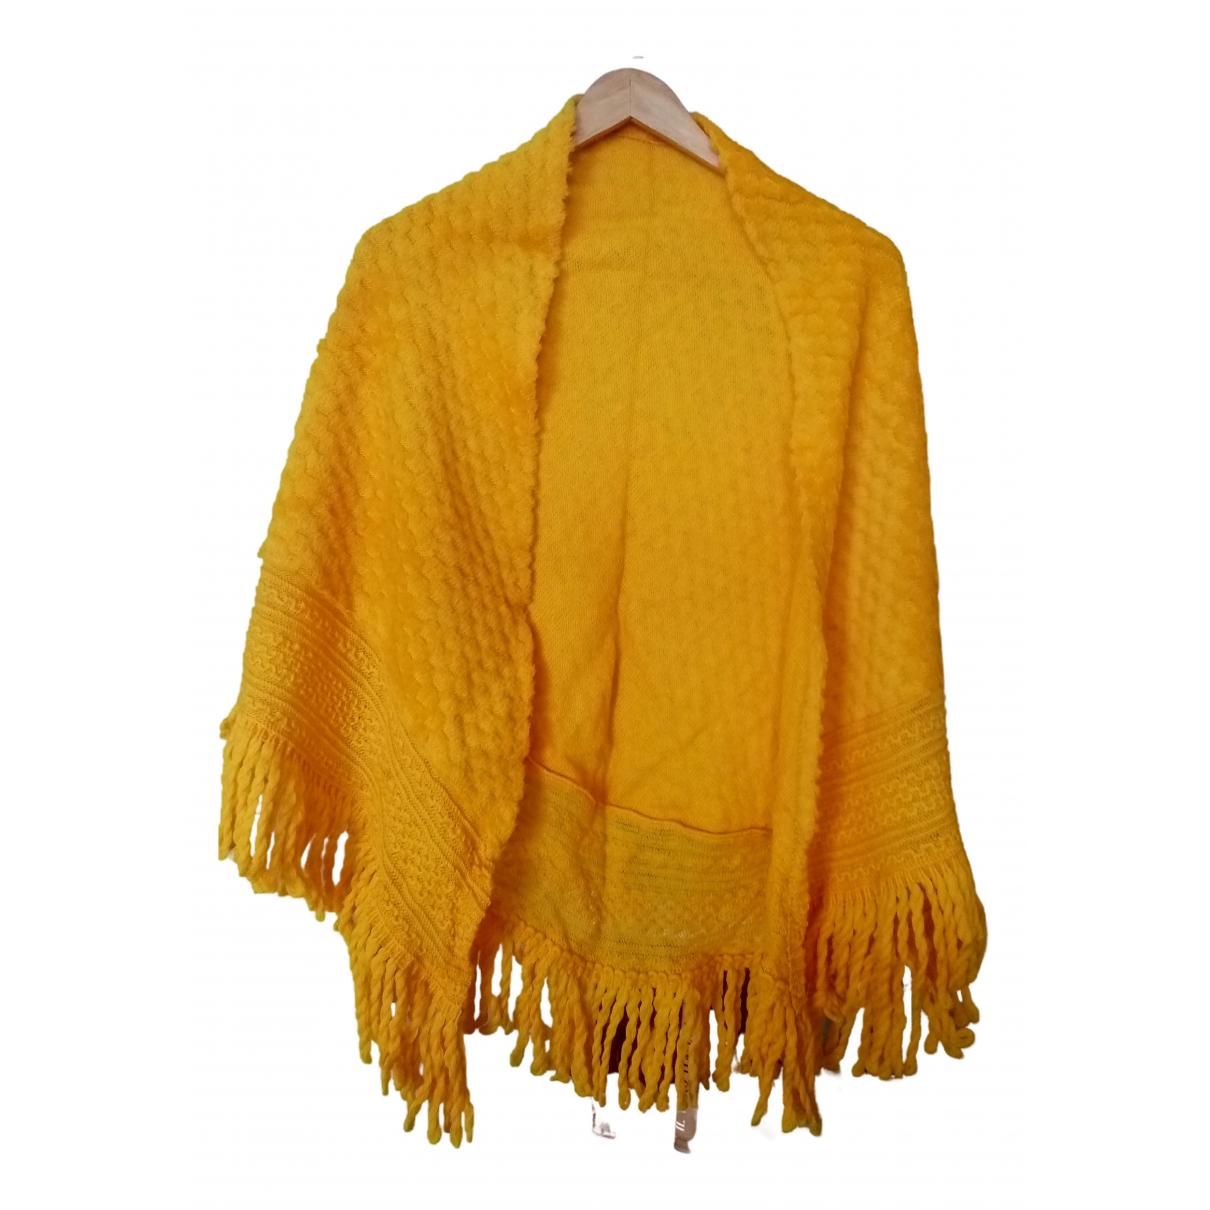 Lanvin \N Schal in  Gelb Wolle